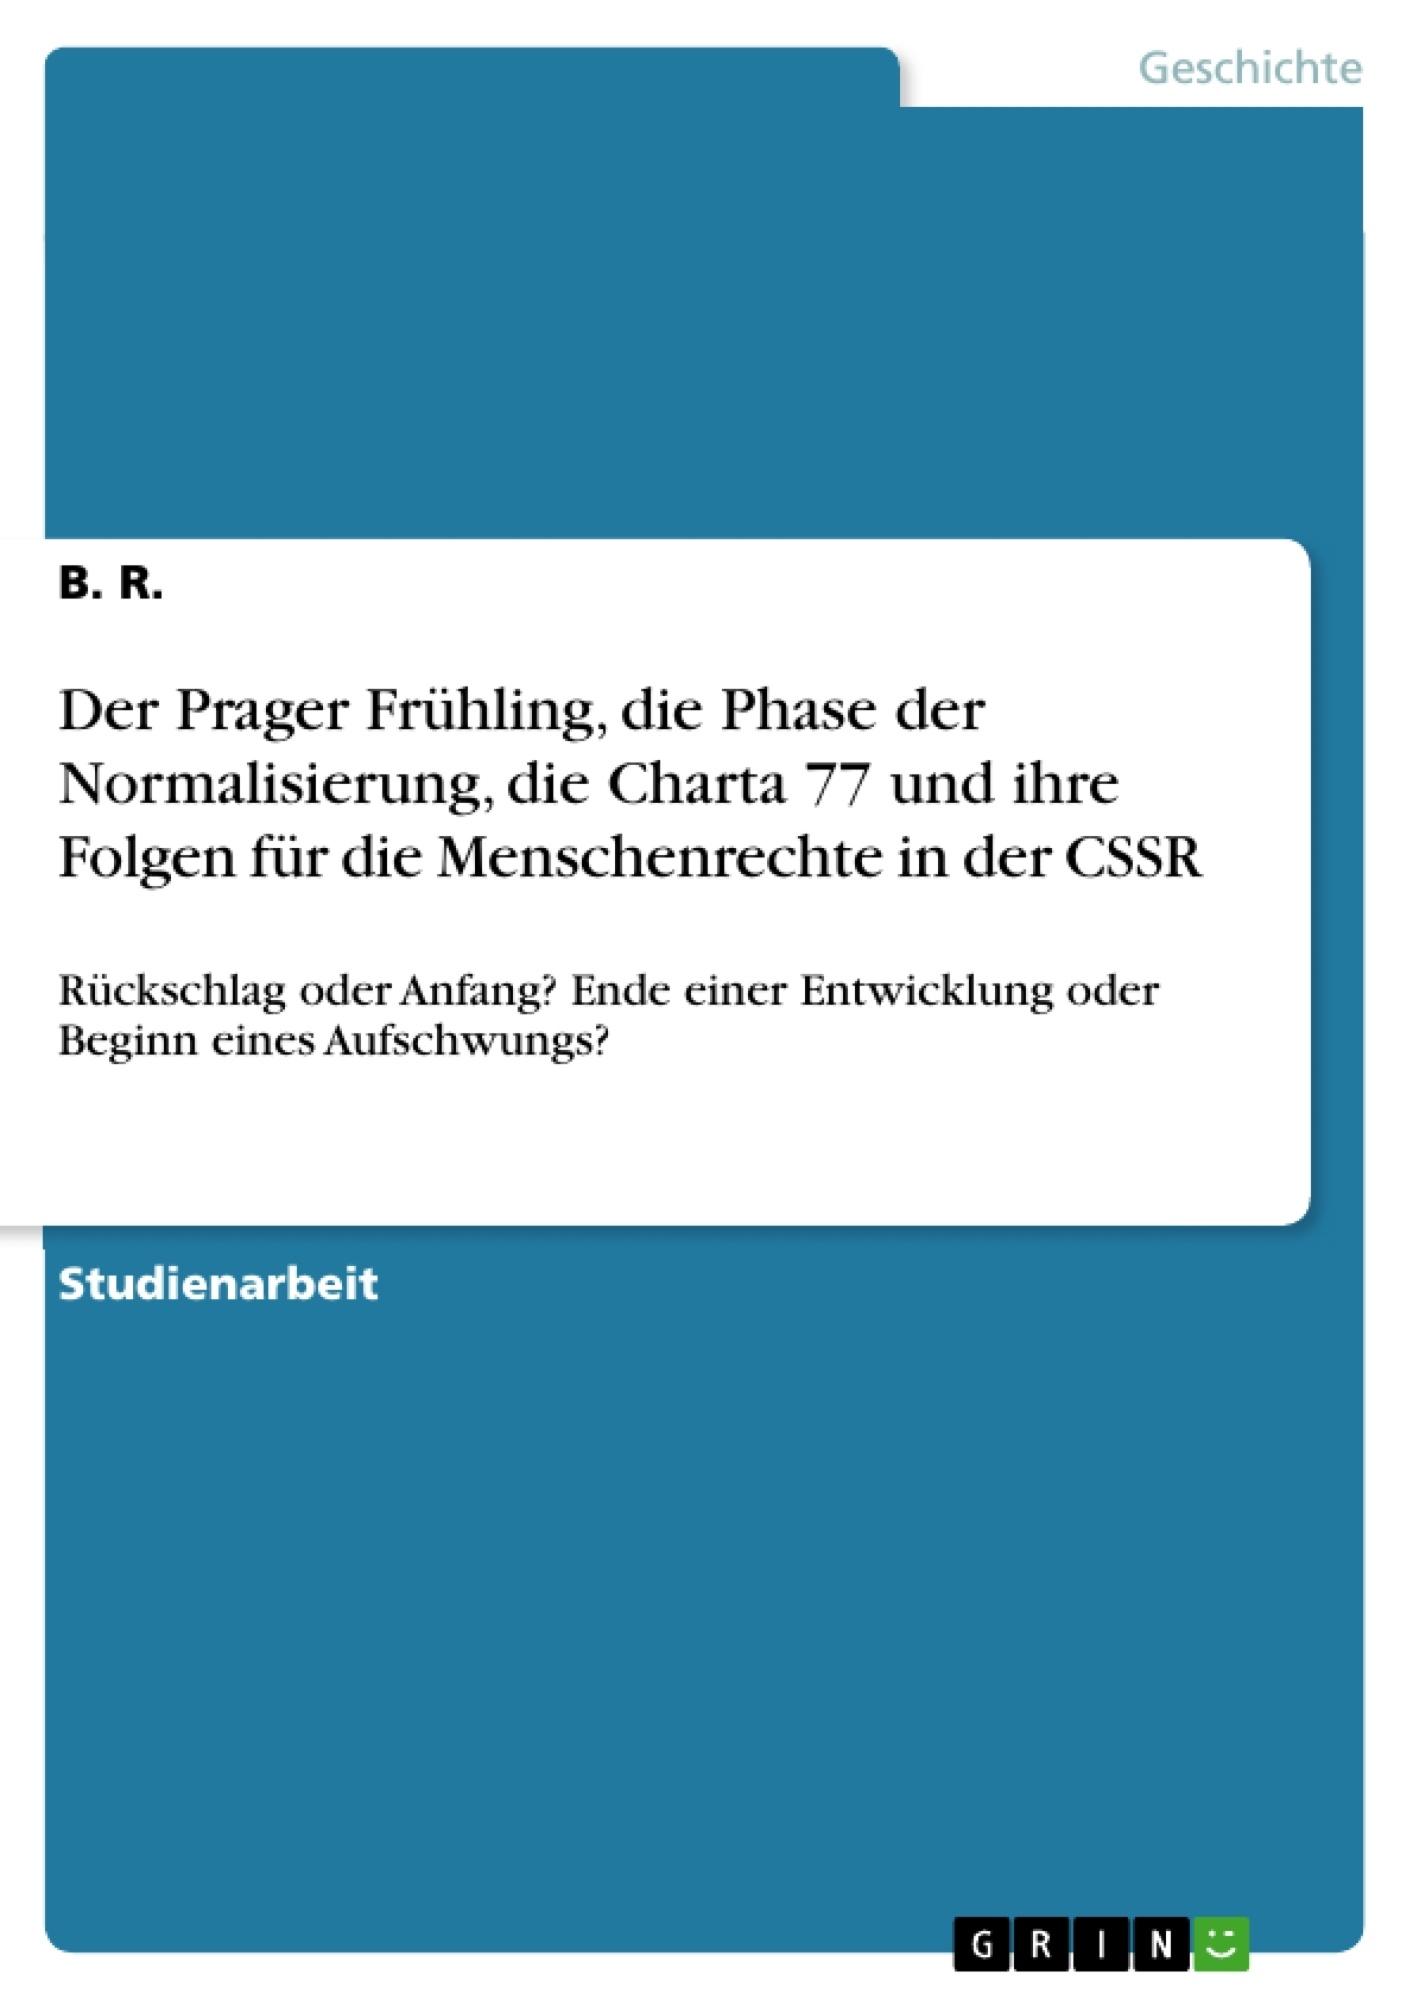 Titel: Der Prager Frühling, die Phase der Normalisierung, die Charta 77 und ihre Folgen für die Menschenrechte in der CSSR